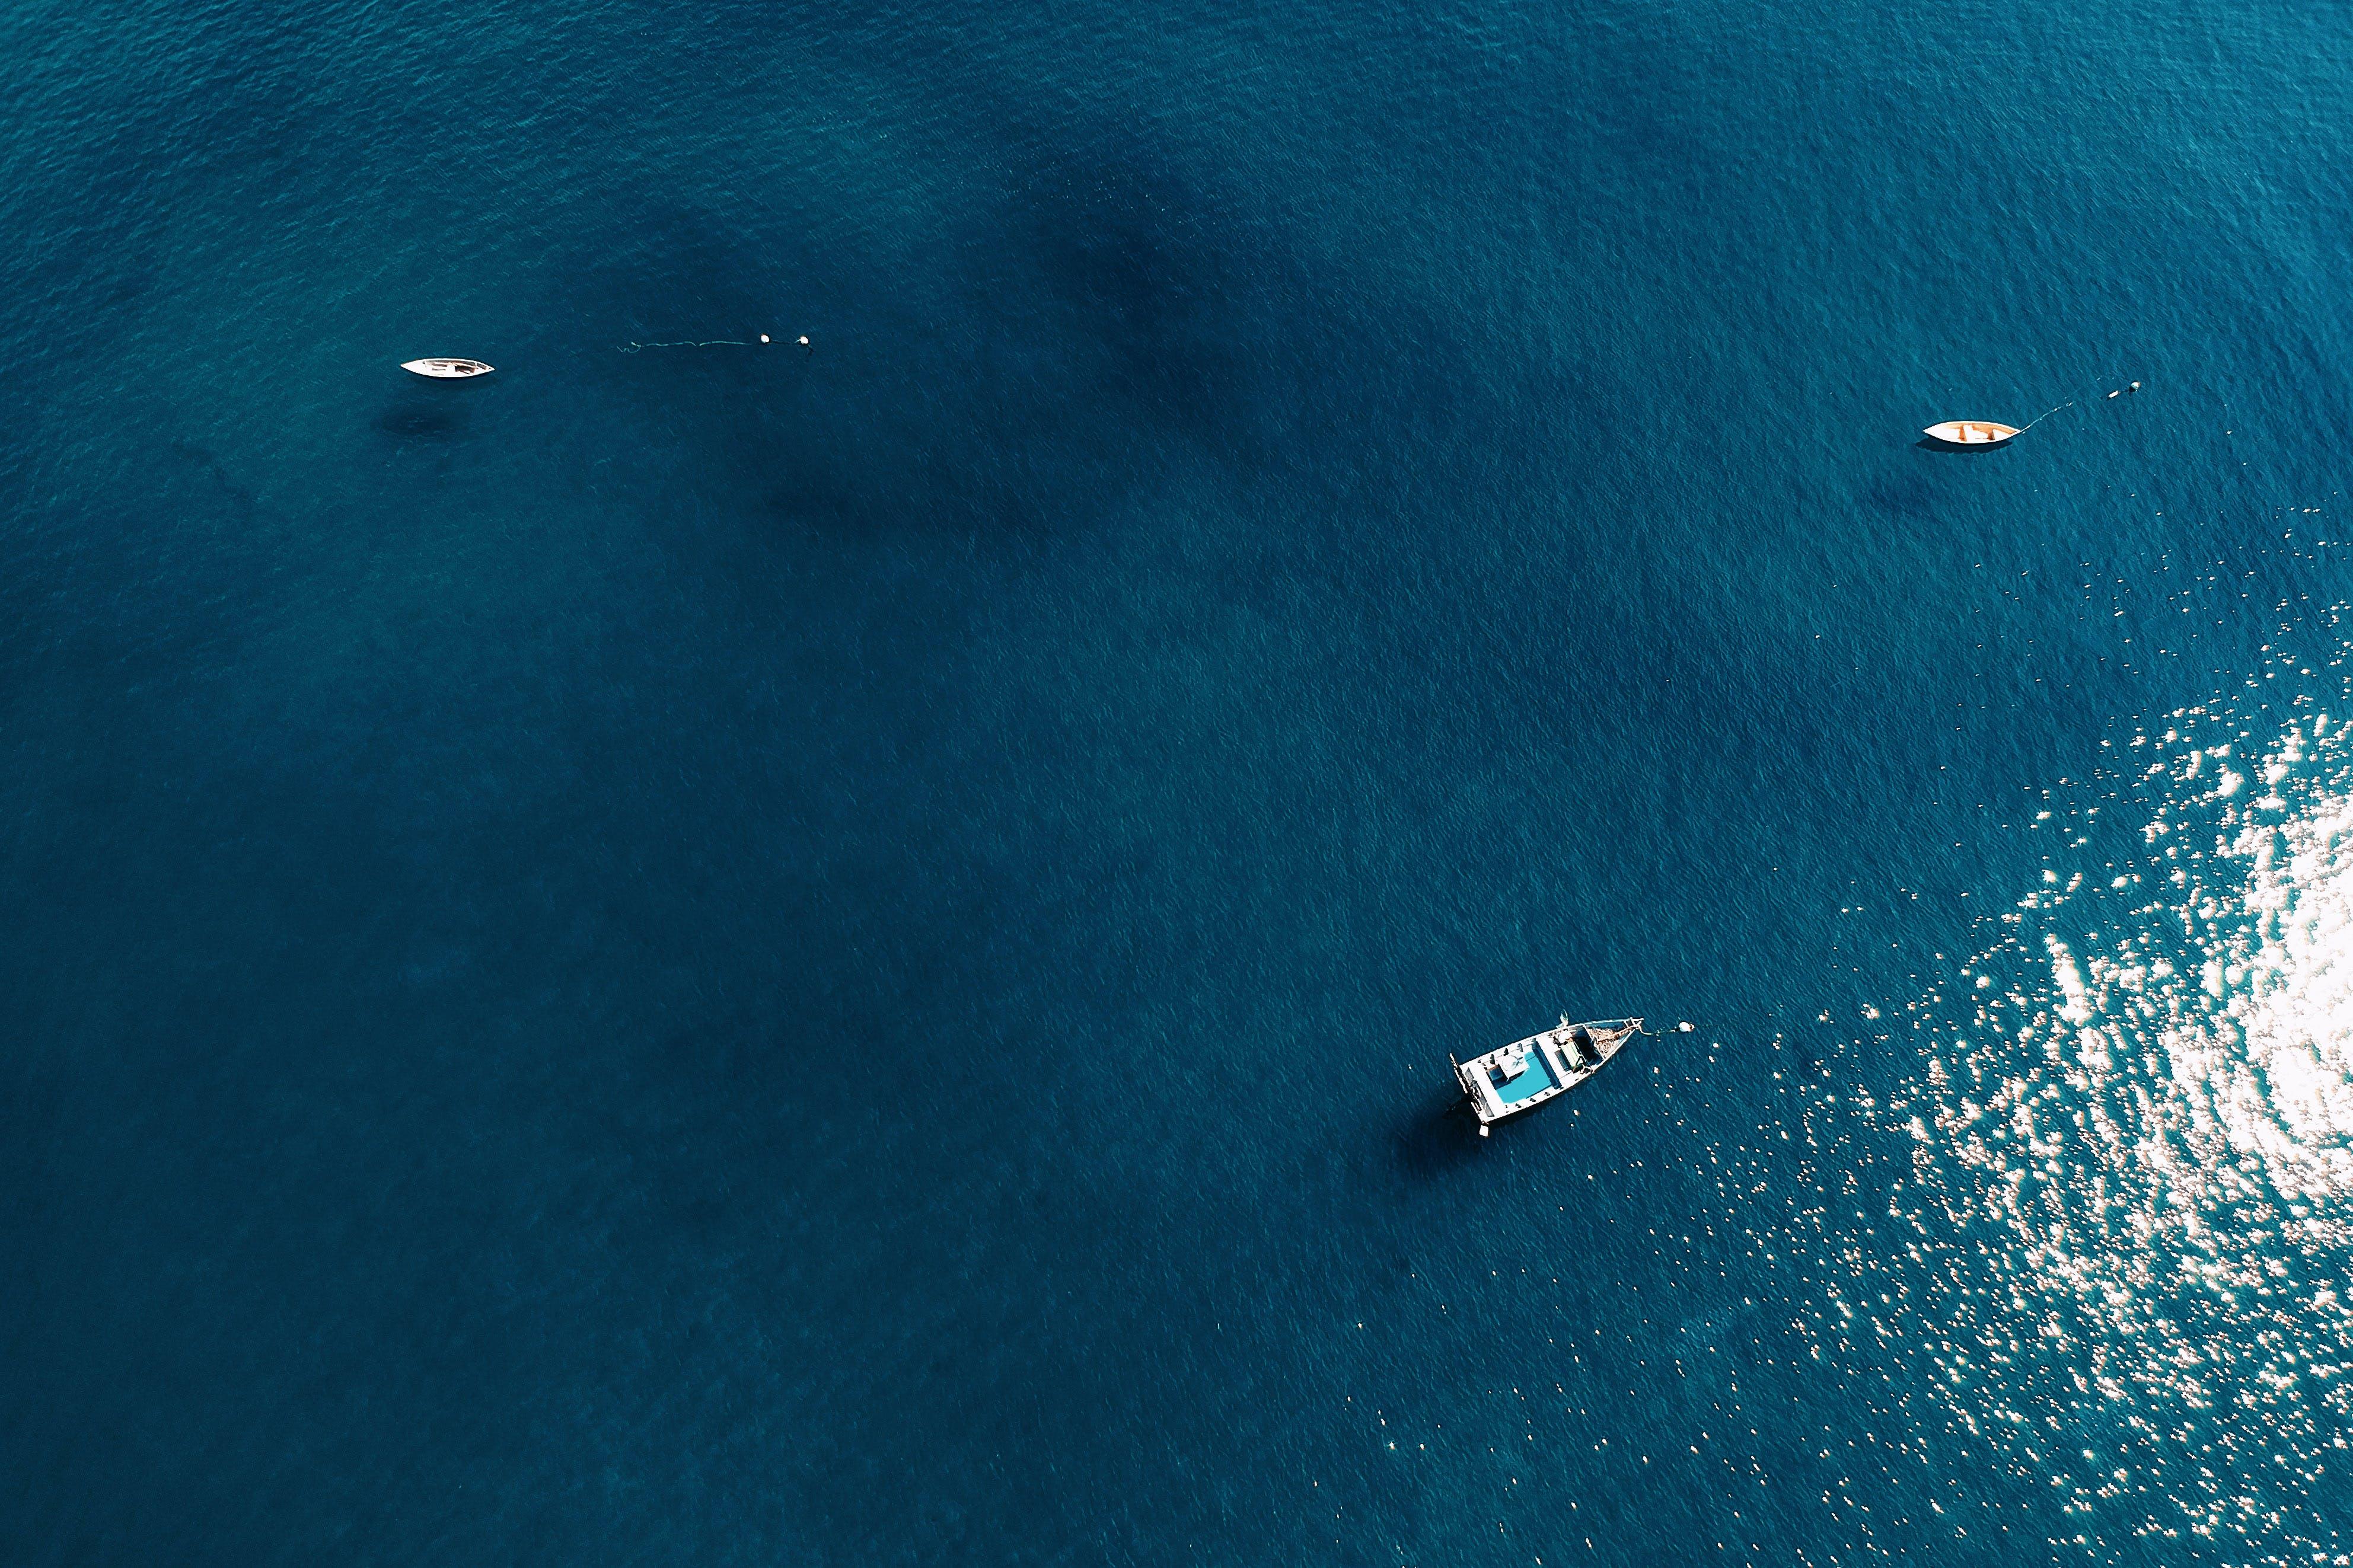 Gratis stockfoto met bird's eye view, boten, drone fotografie, dronefoto